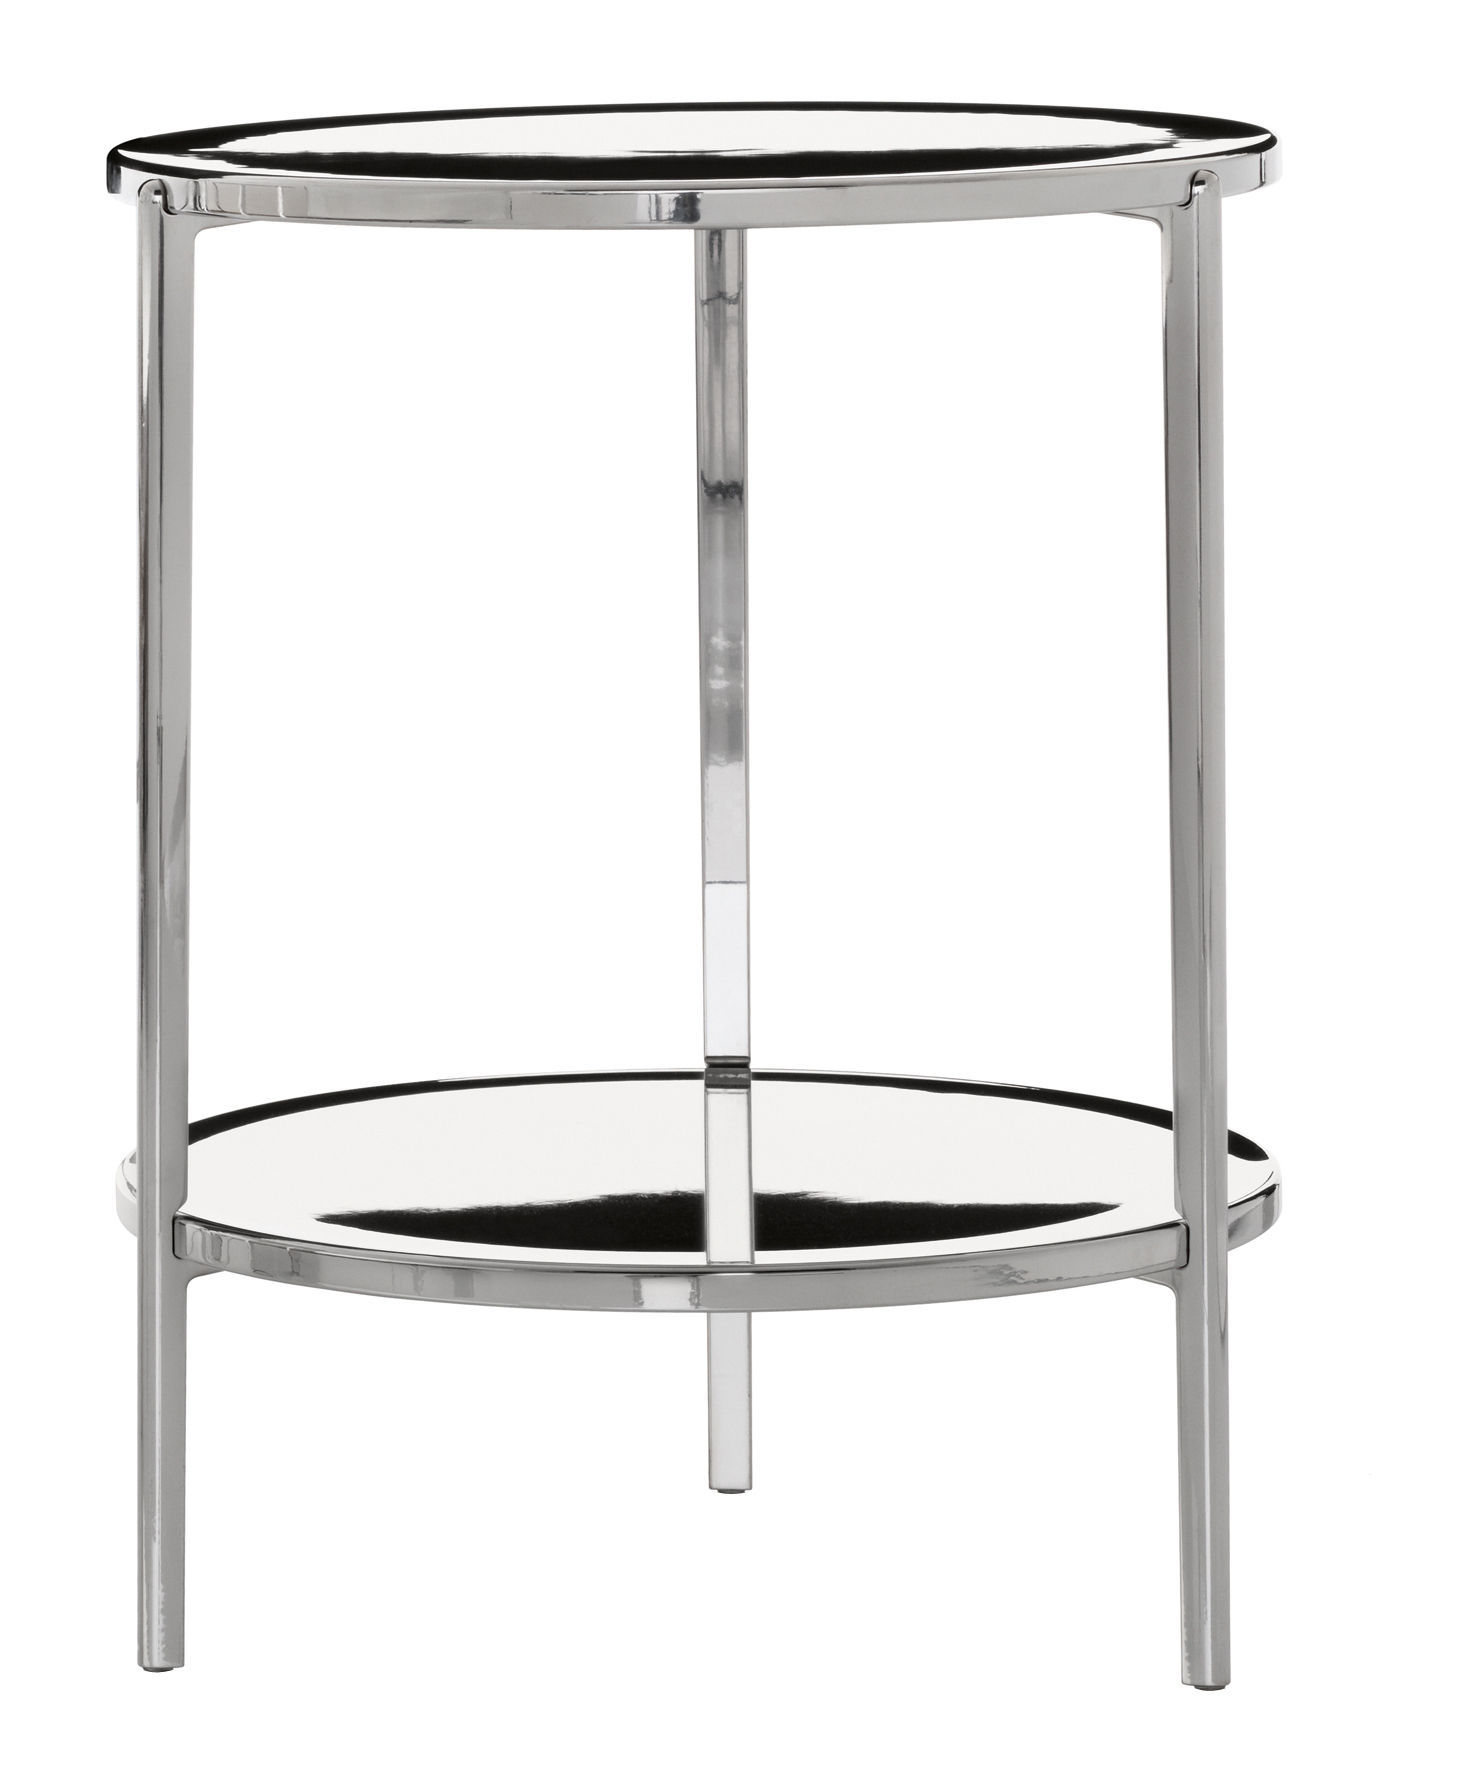 Möbel - Tambour Couchtisch H 65 cm - Magis - Poliertes Aluminium - Aluminium